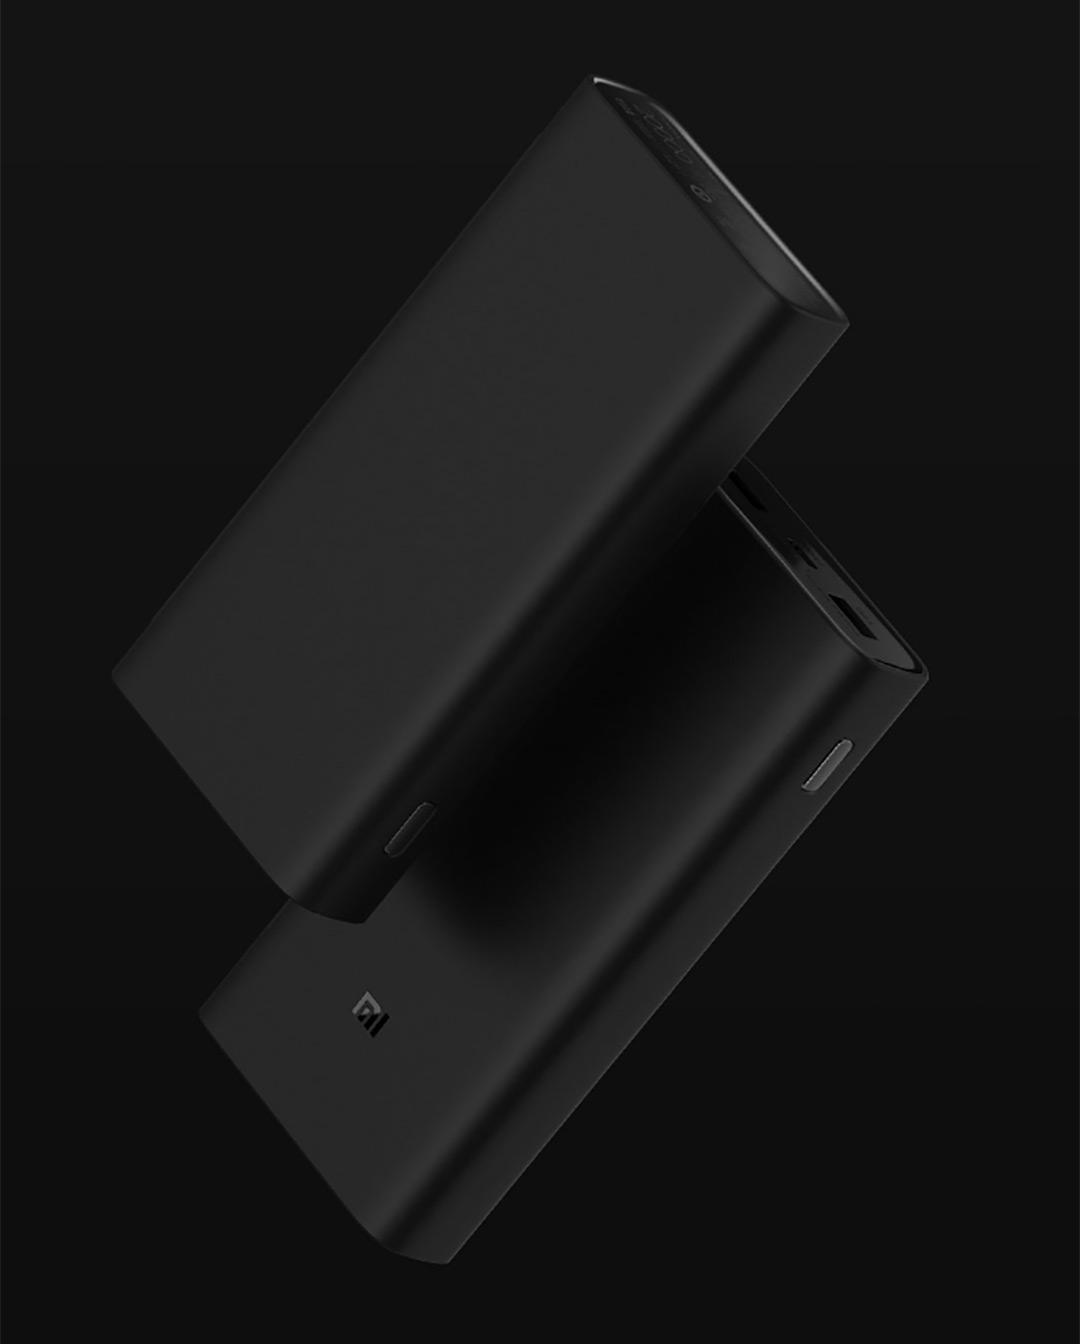 Xiaomi Power Bank 3 Pro 20000mAh